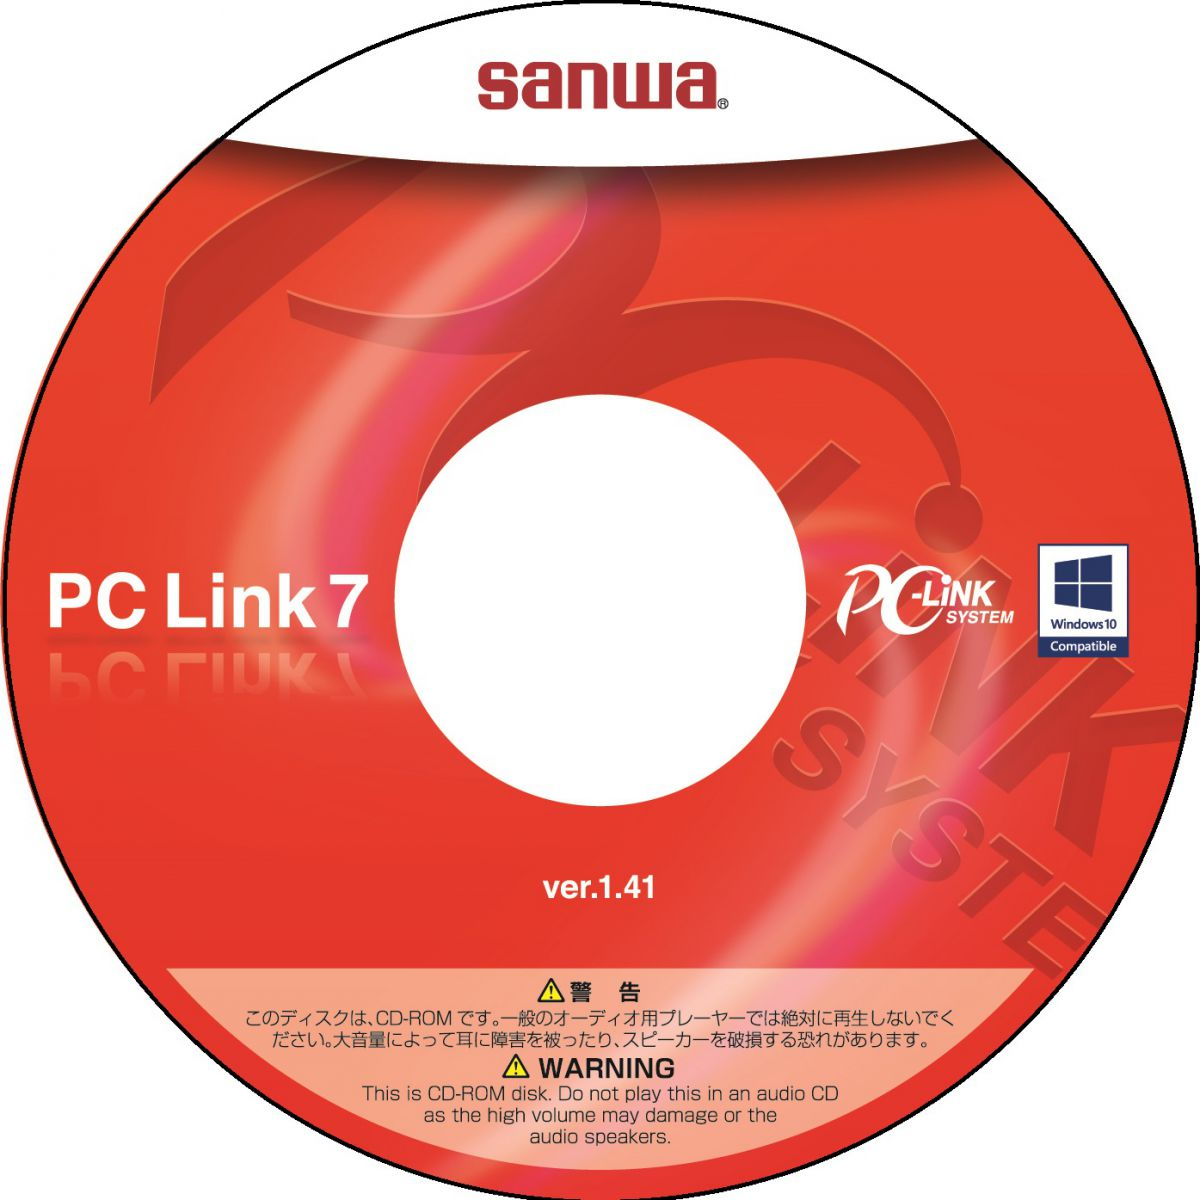 PCLink7ver141diskimage